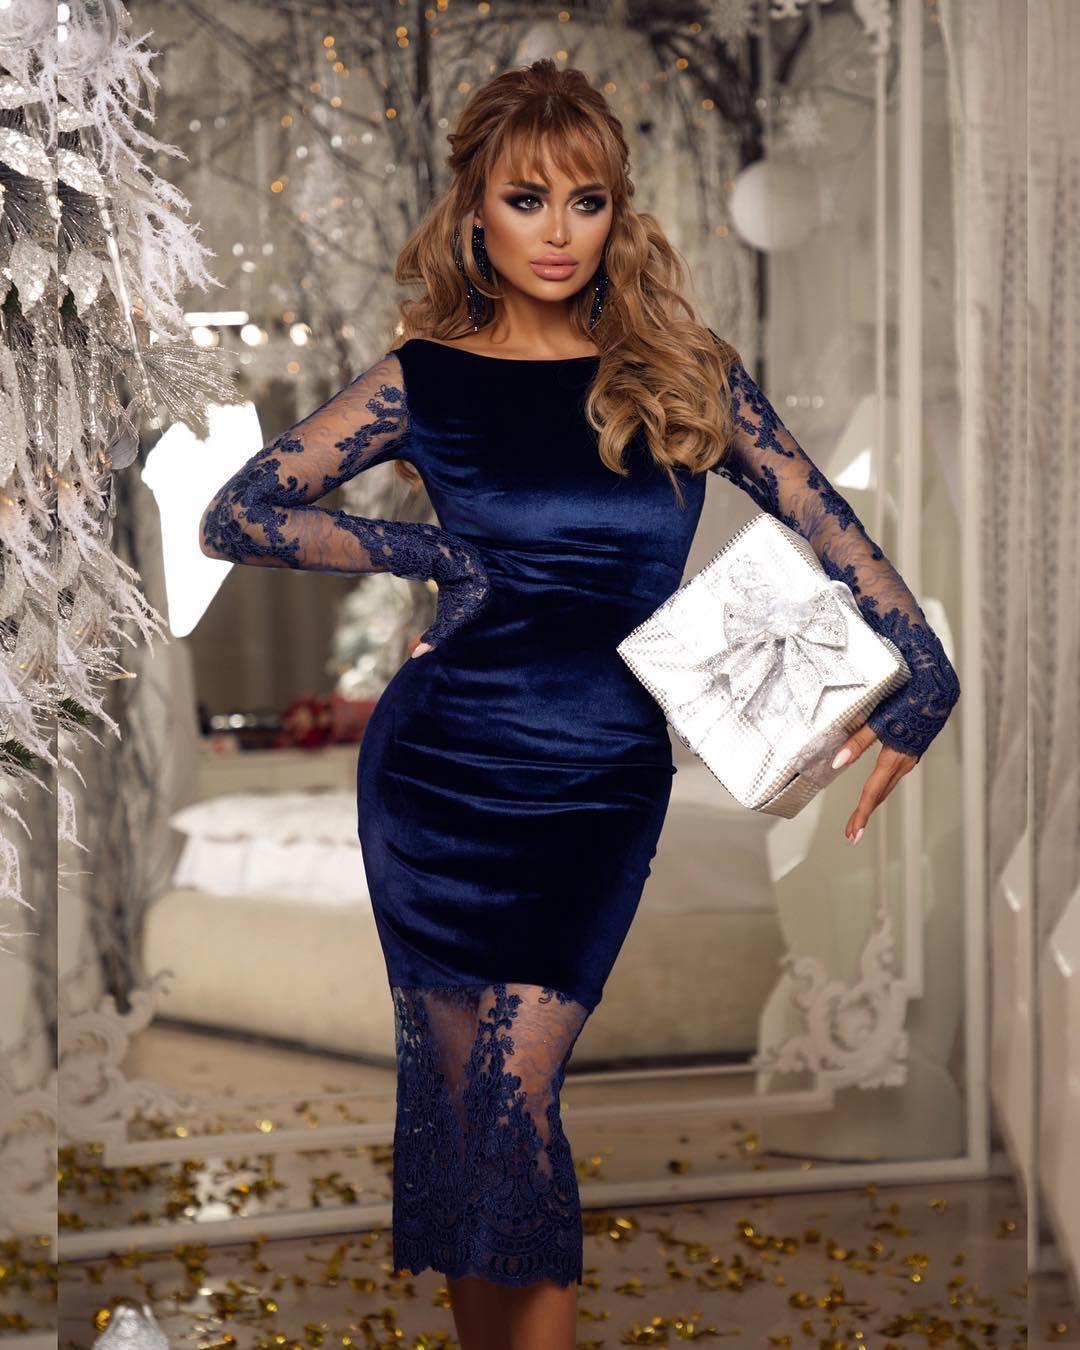 dbe9eba9a8d86f Бархатное вечернее платье с отделкой из люксового кружево глубокого синего  цвета